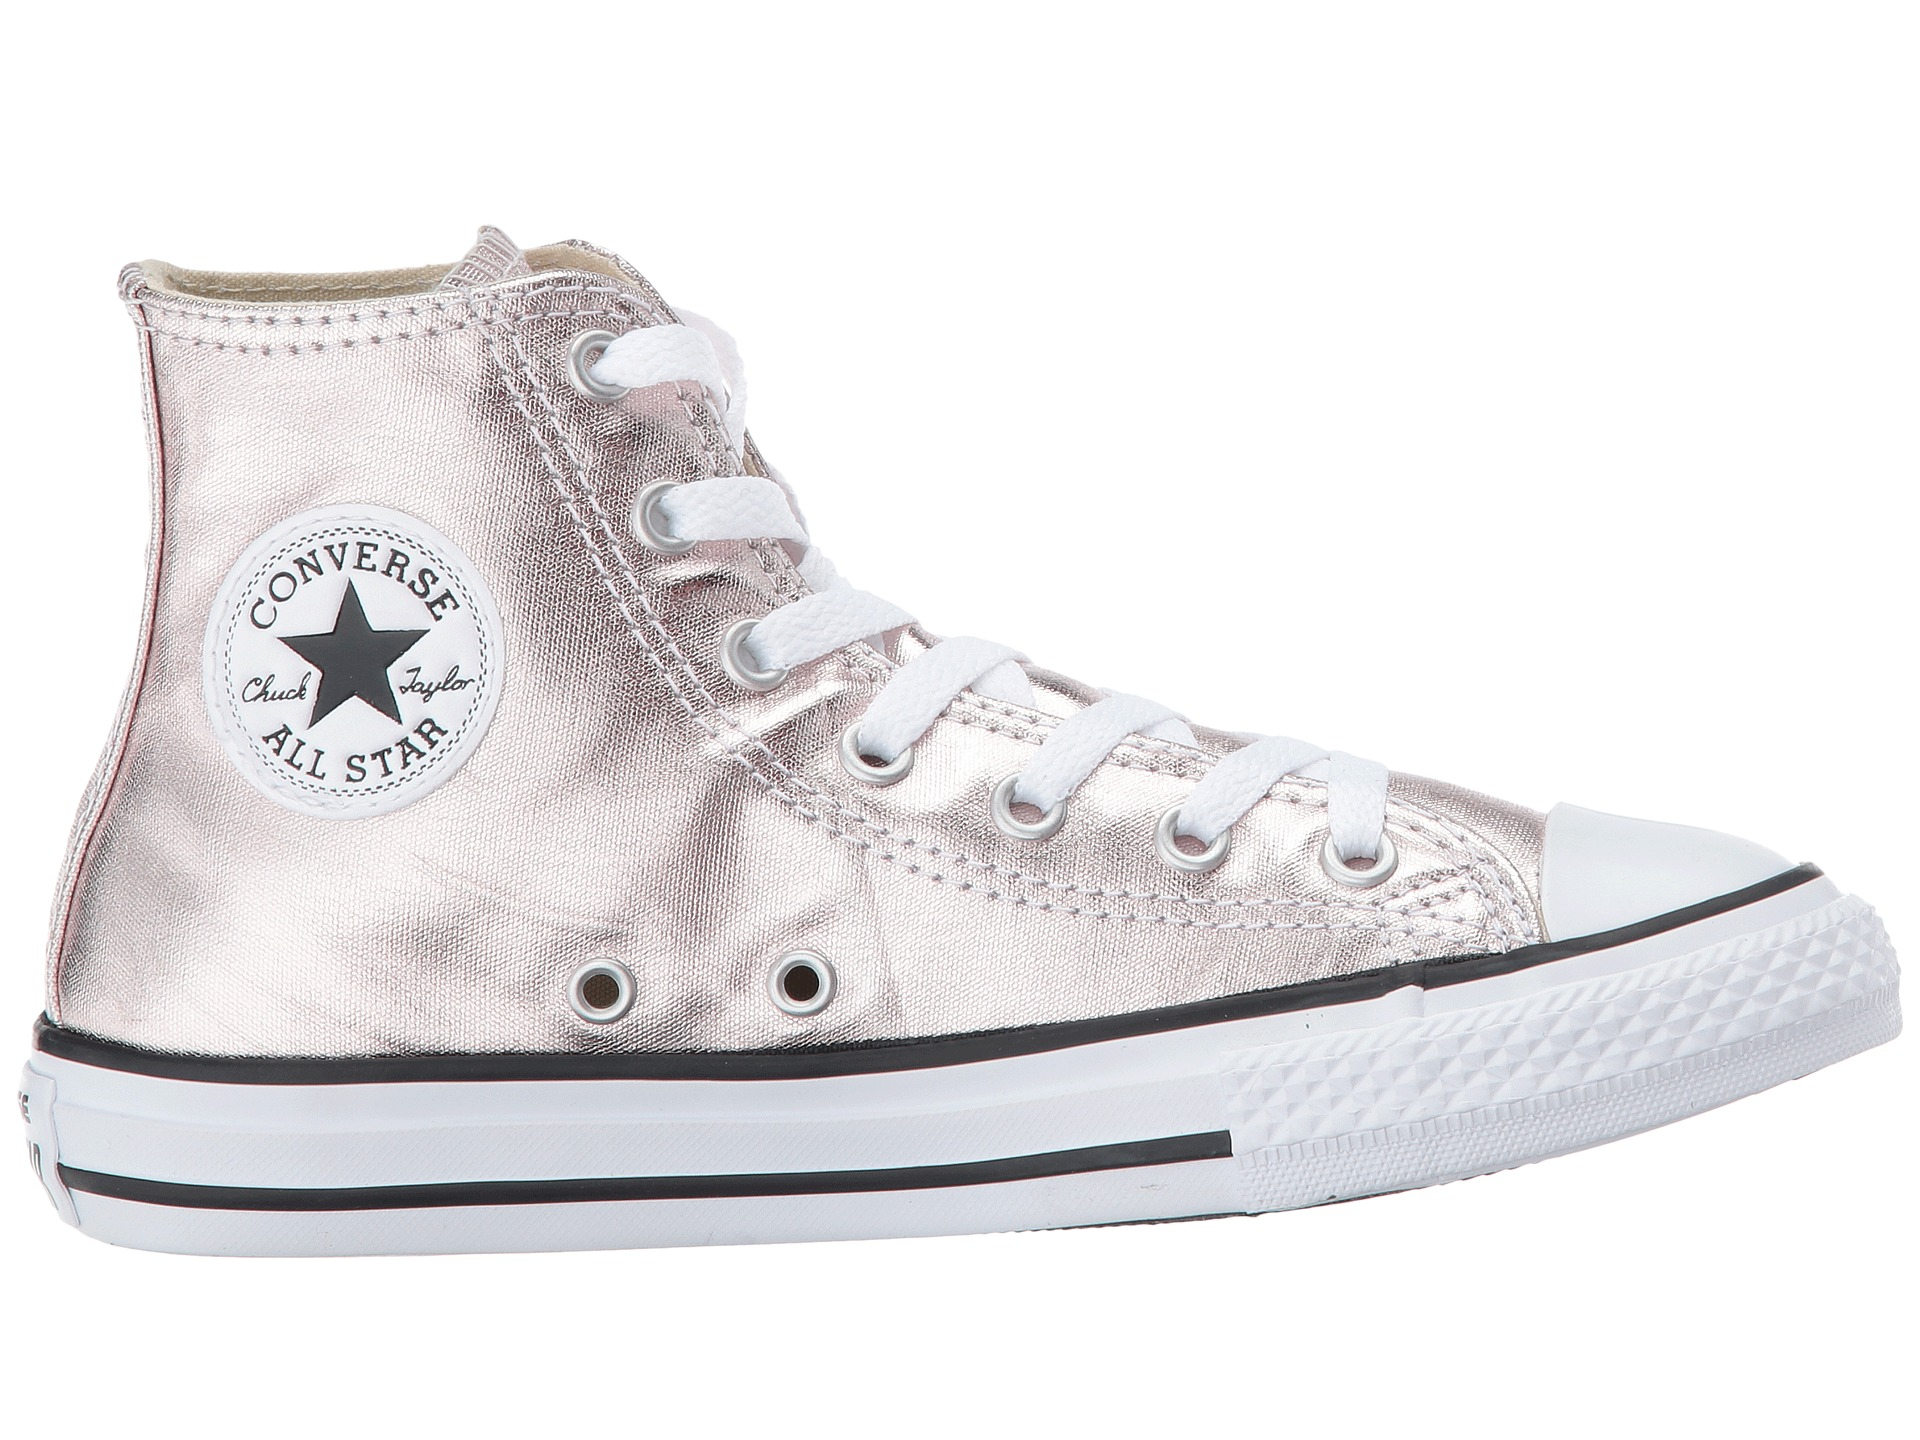 Converse Kids Chuck Taylor All Star Hi Metallic Little